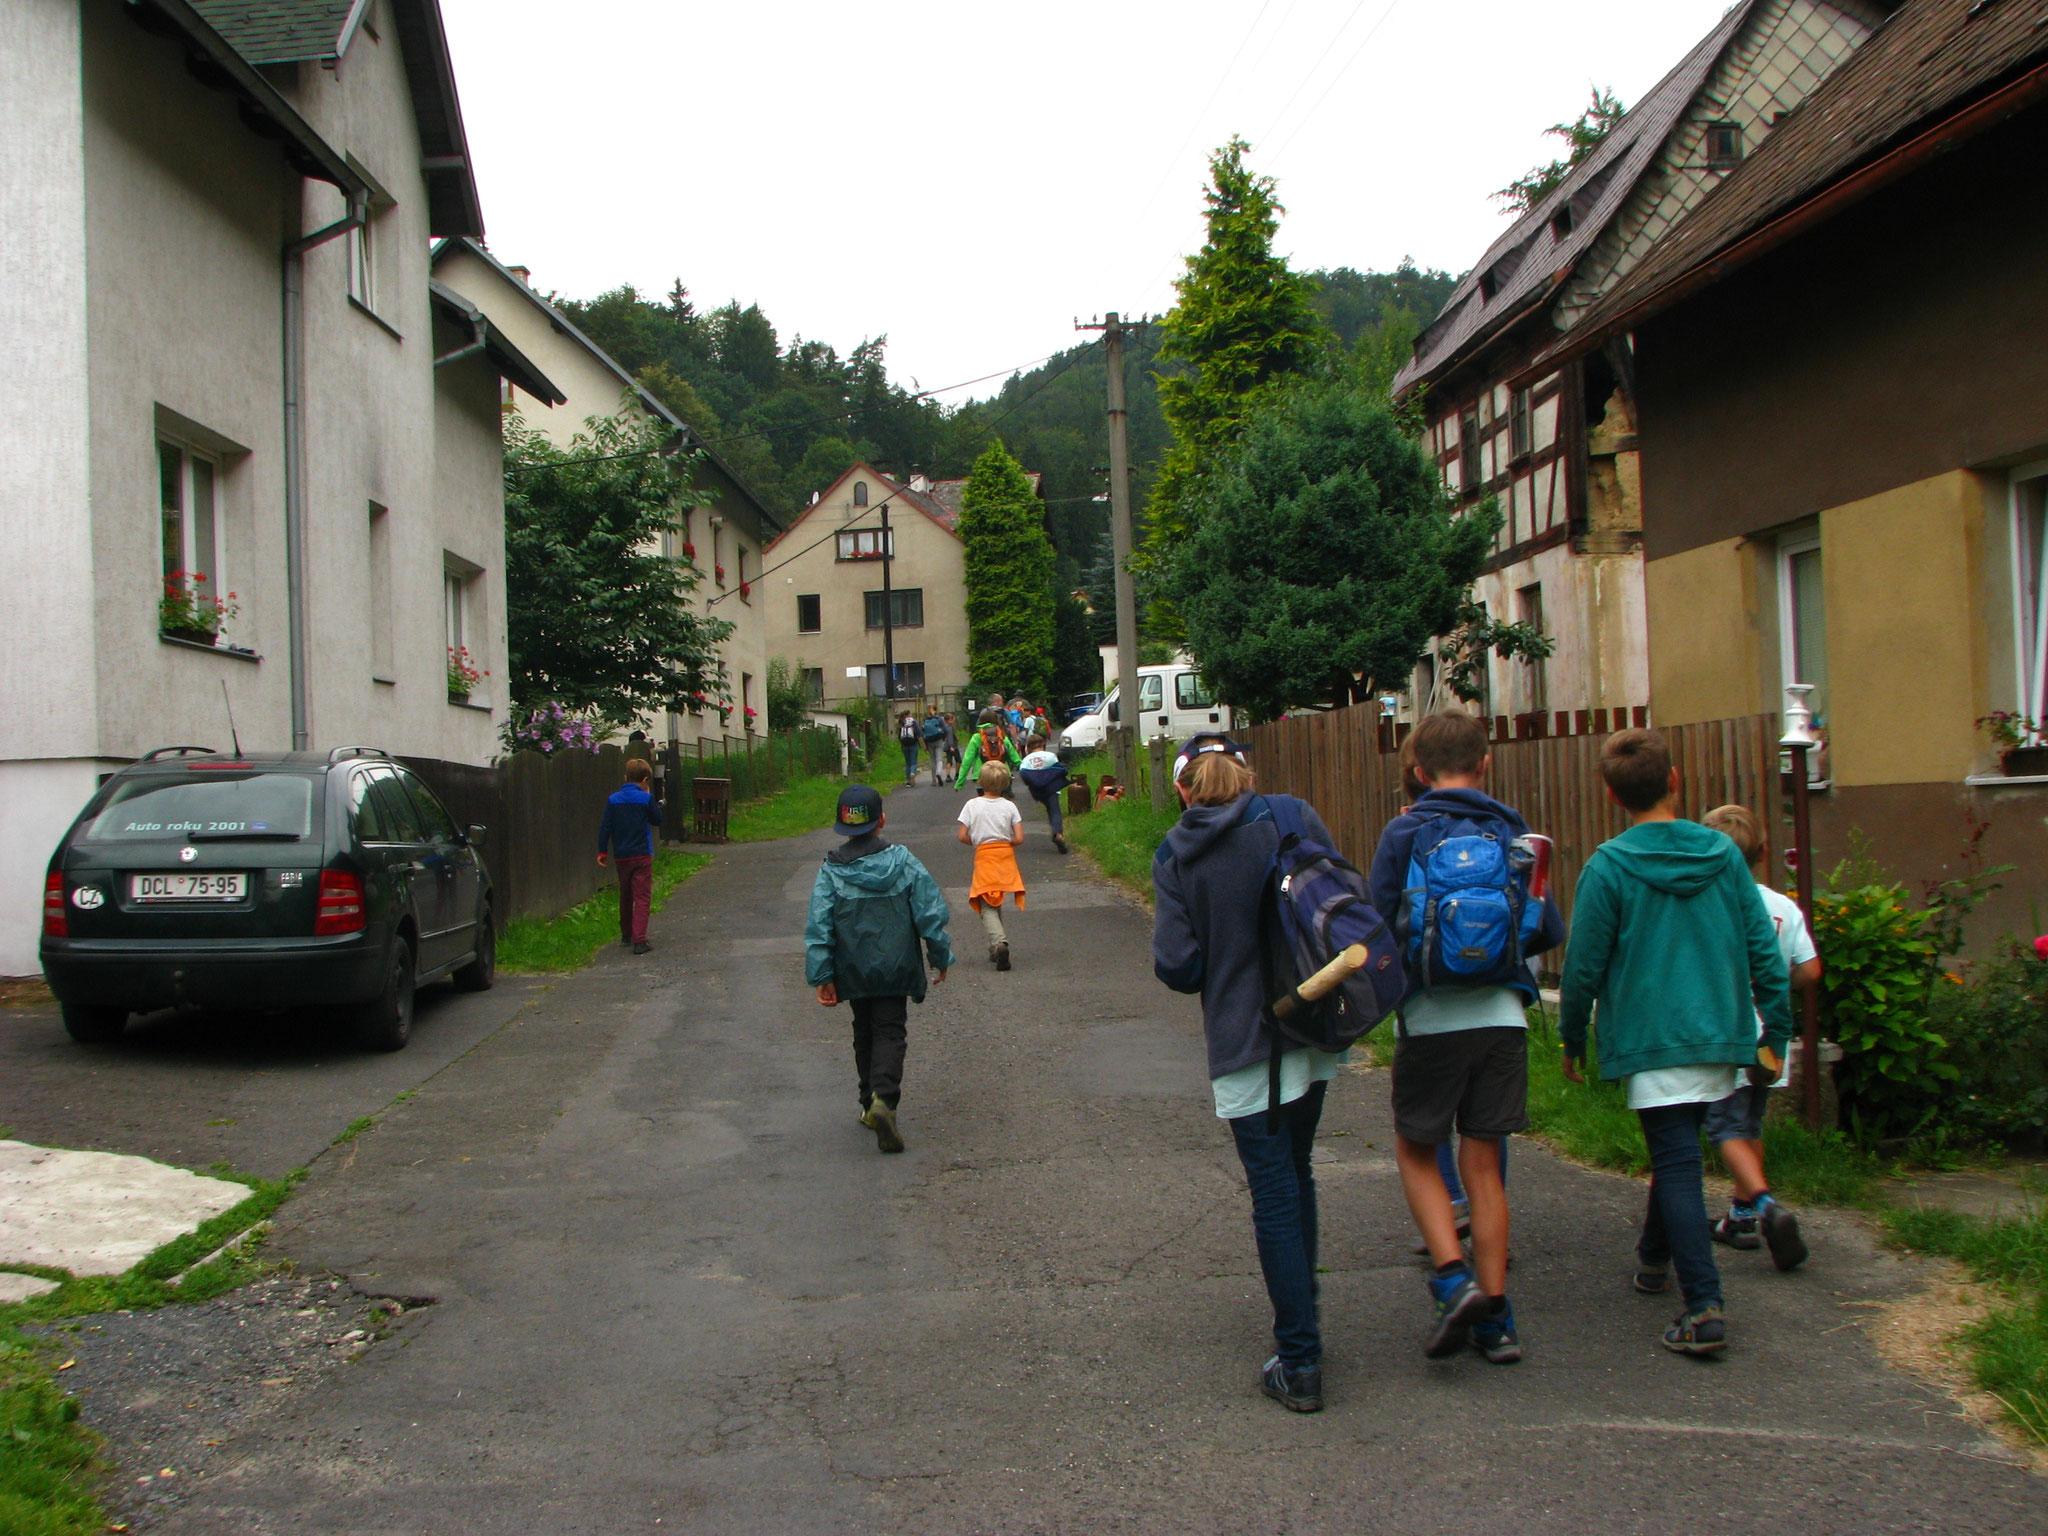 Wir laufen Richtung Wald